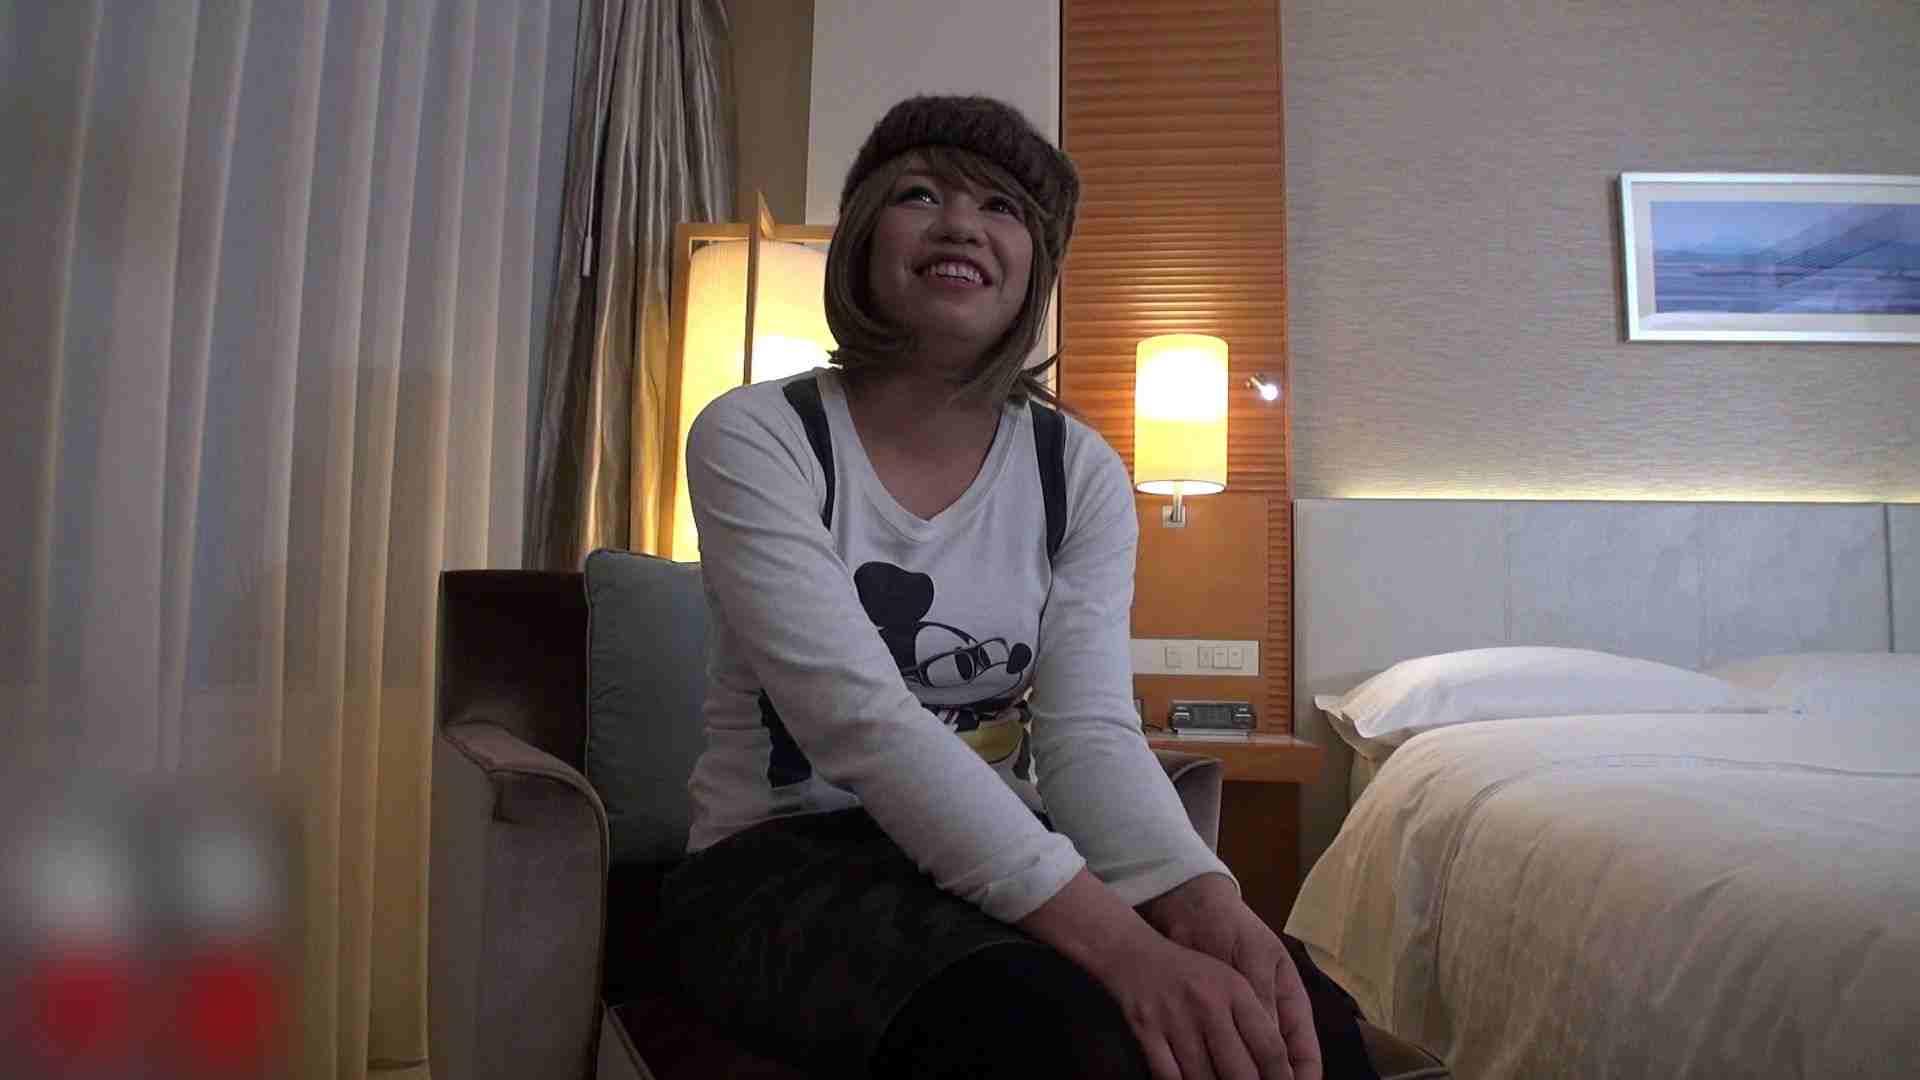 S級厳選美女ビッチガールVol.42 前編 美女丸裸 われめAV動画紹介 104pic 33